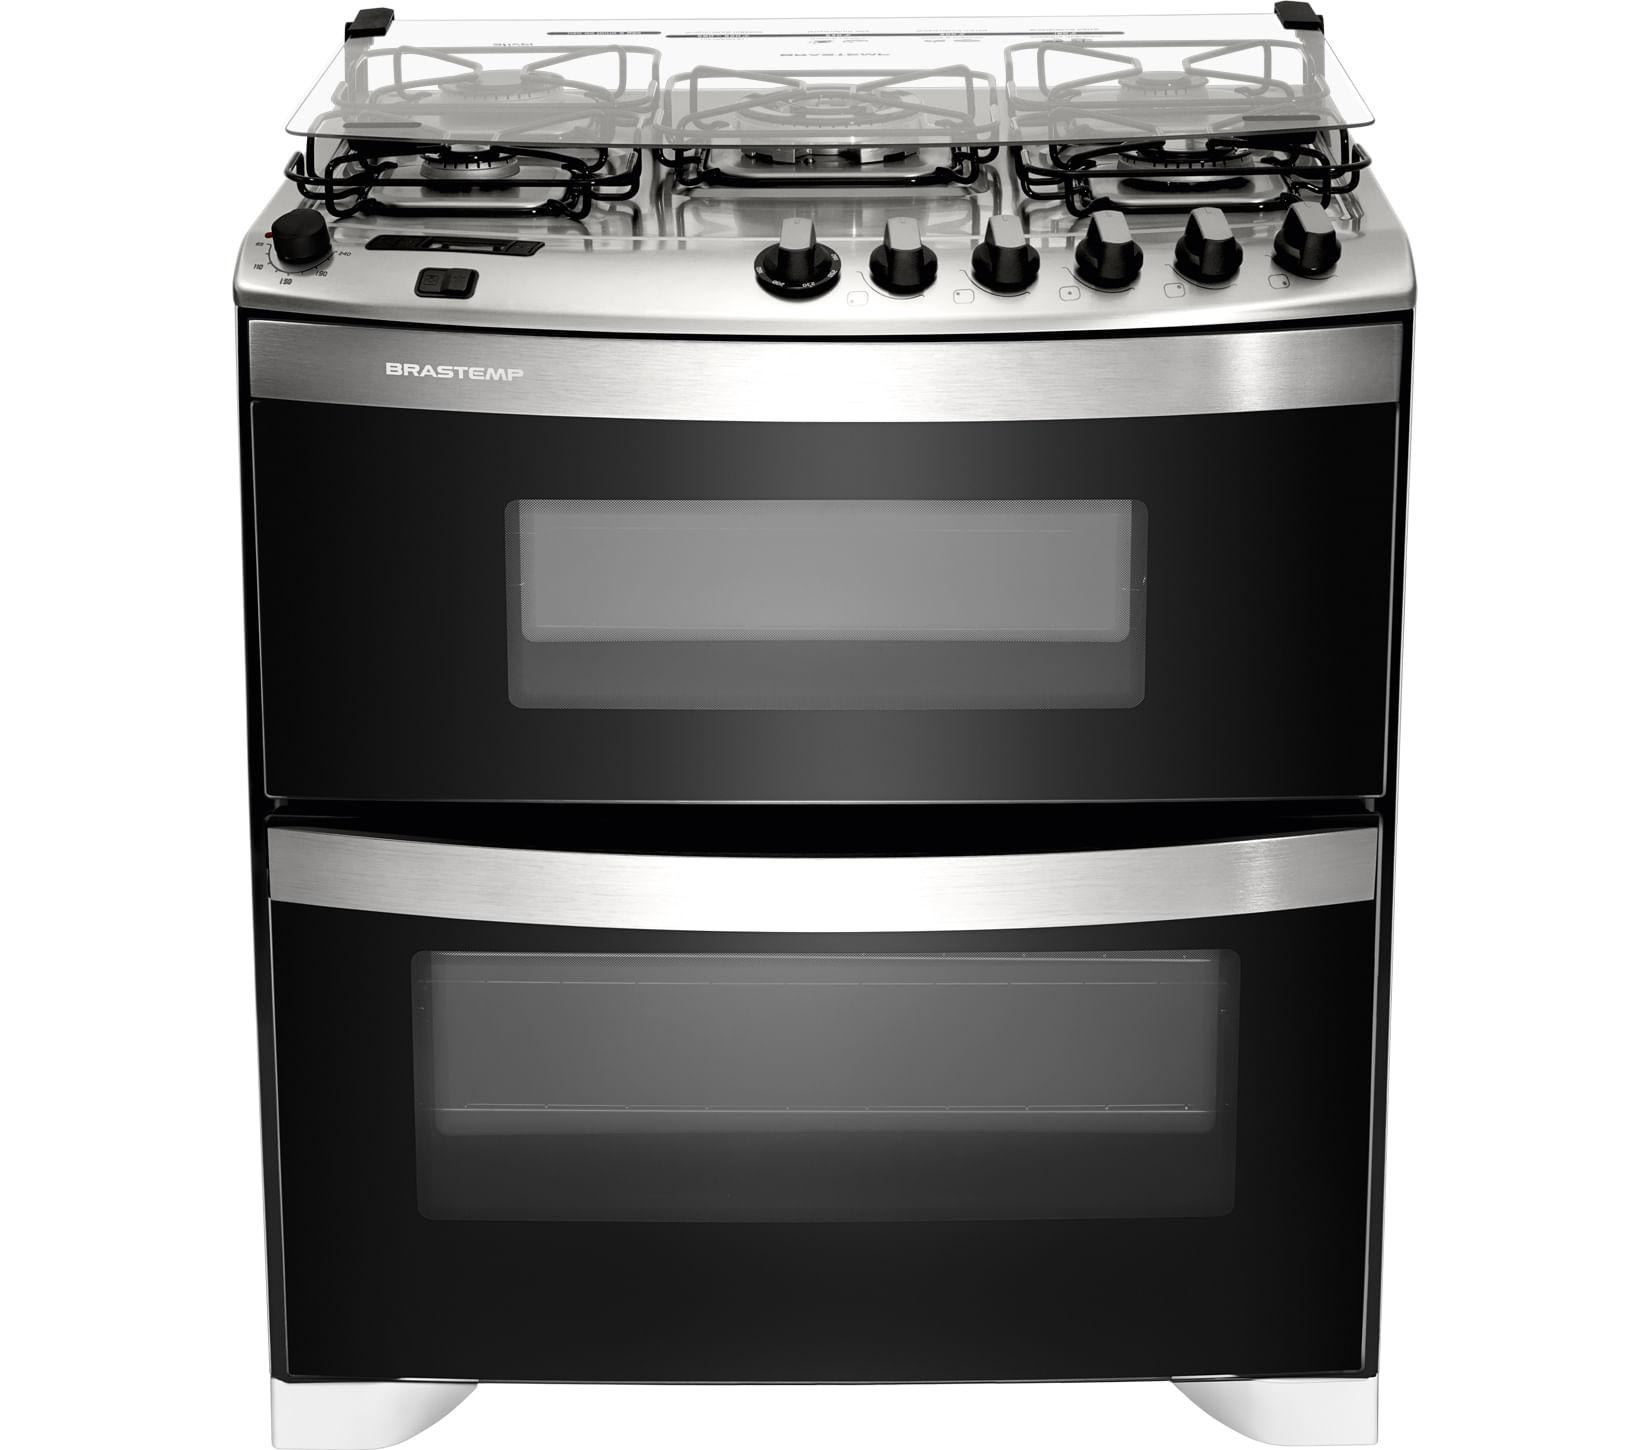 Fogão Brastemp 5 bocas duplo forno Branco com quadrichama, timer digital e mesa flat top